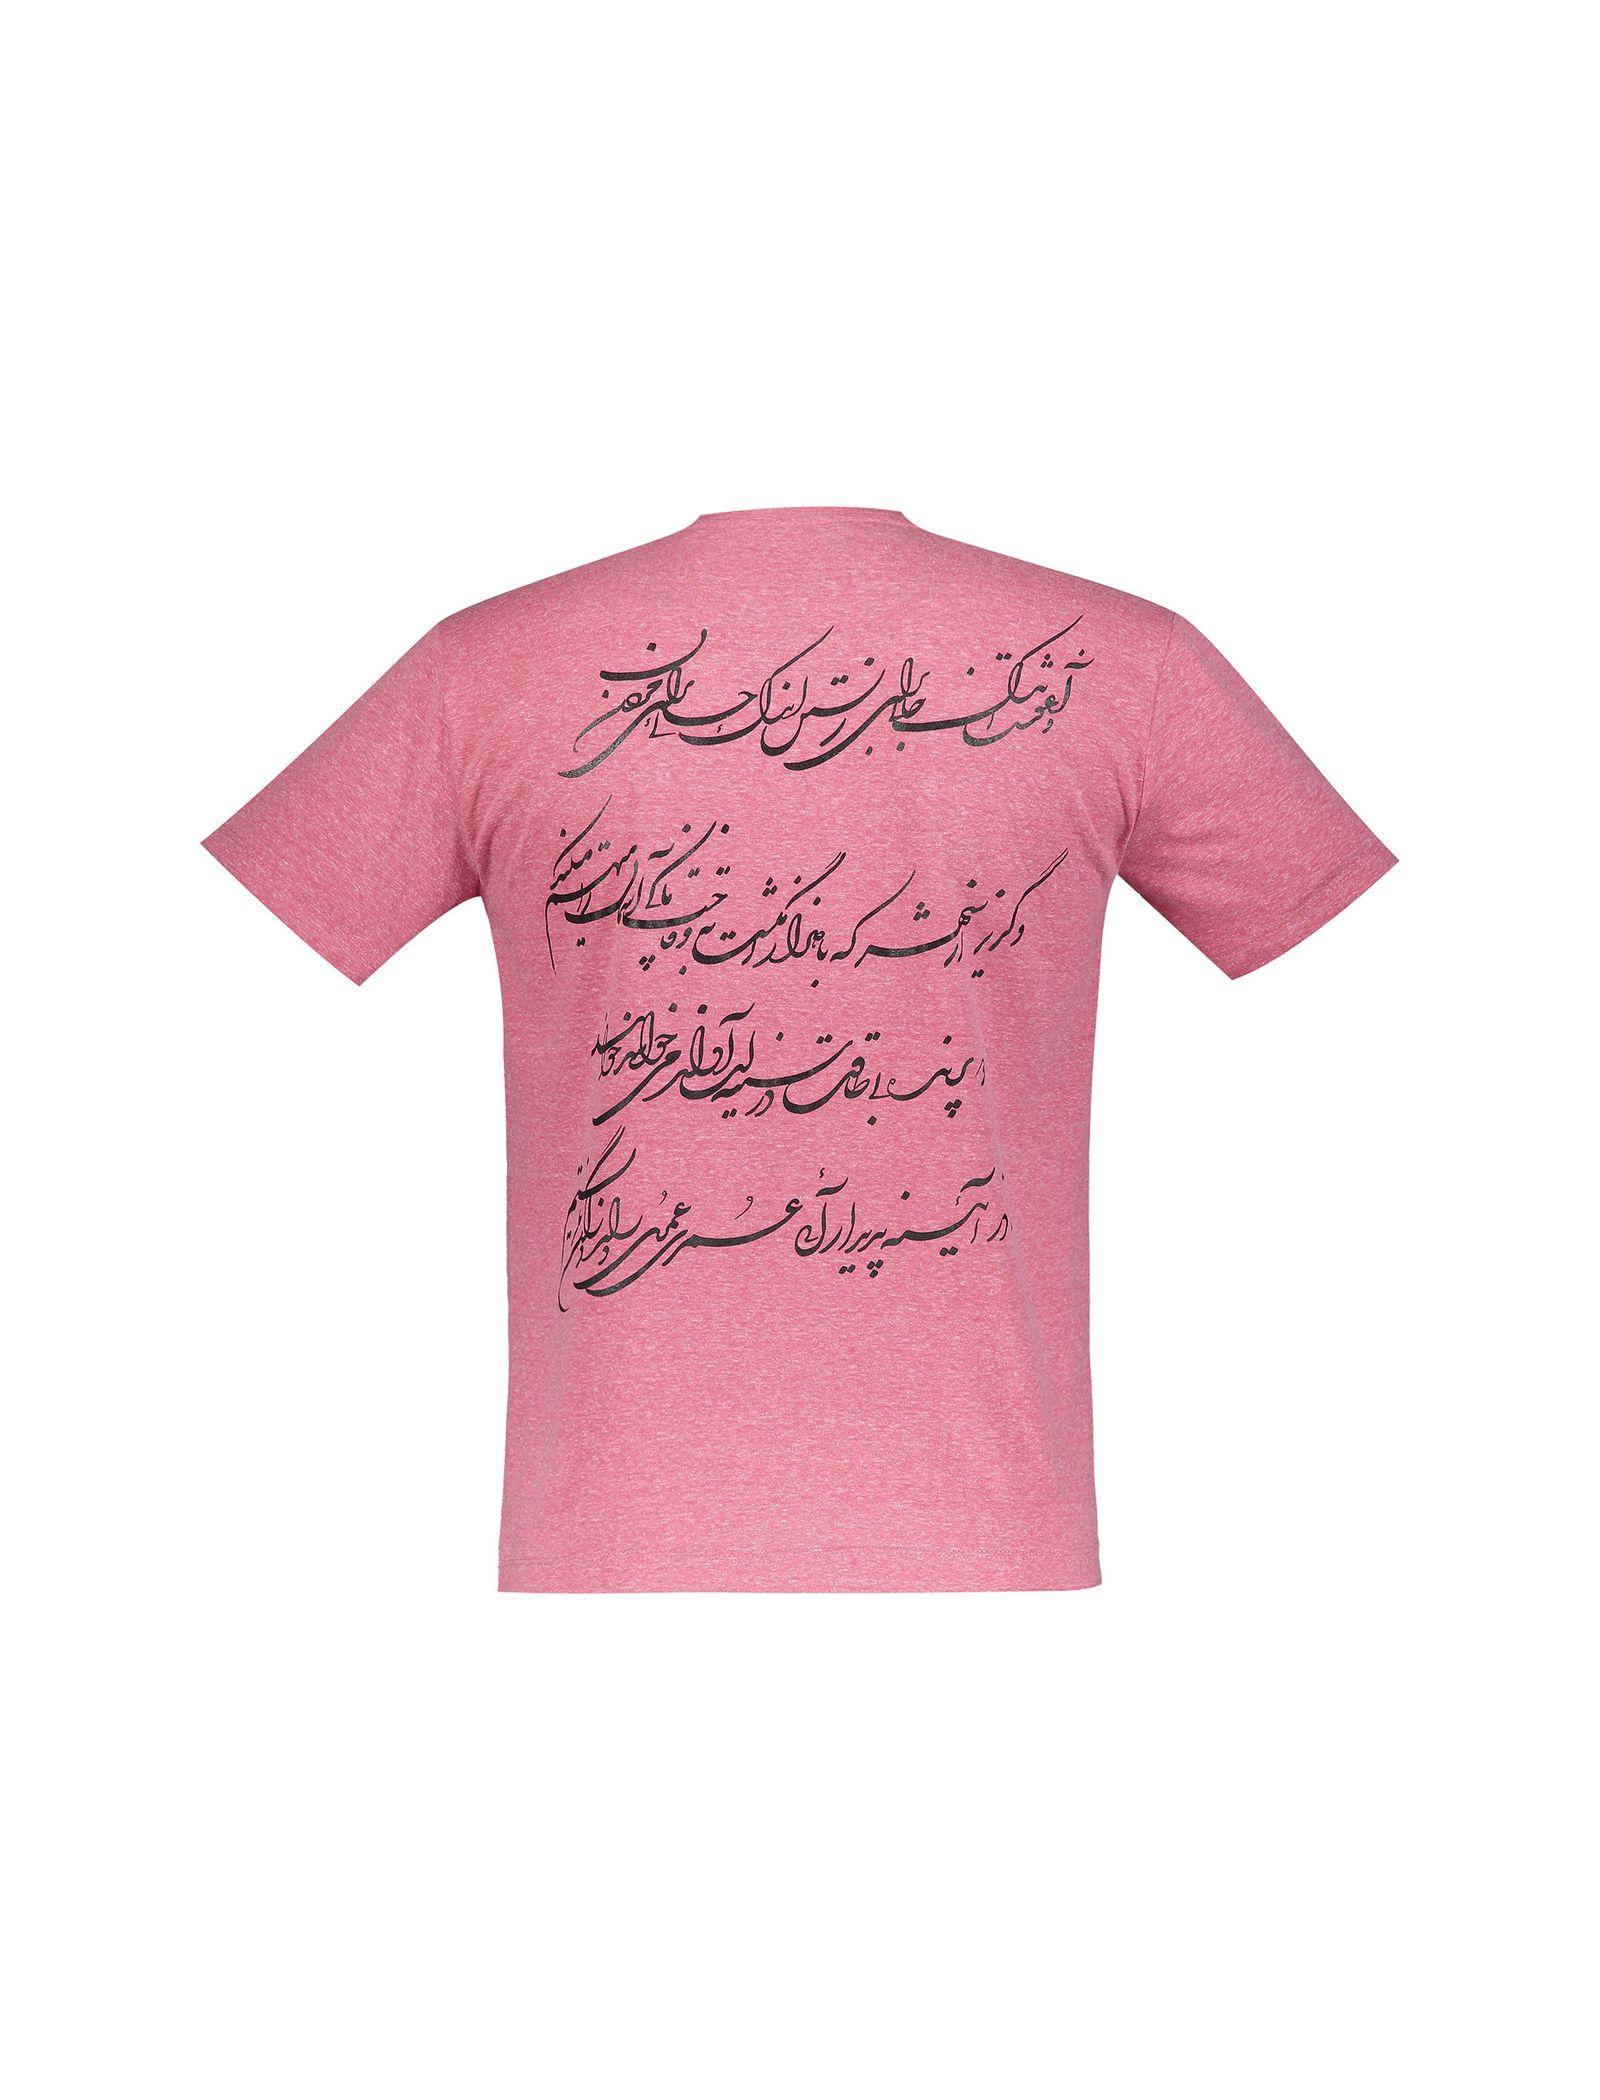 تی شرت یقه گرد مردانه - متی - صورتي - 2